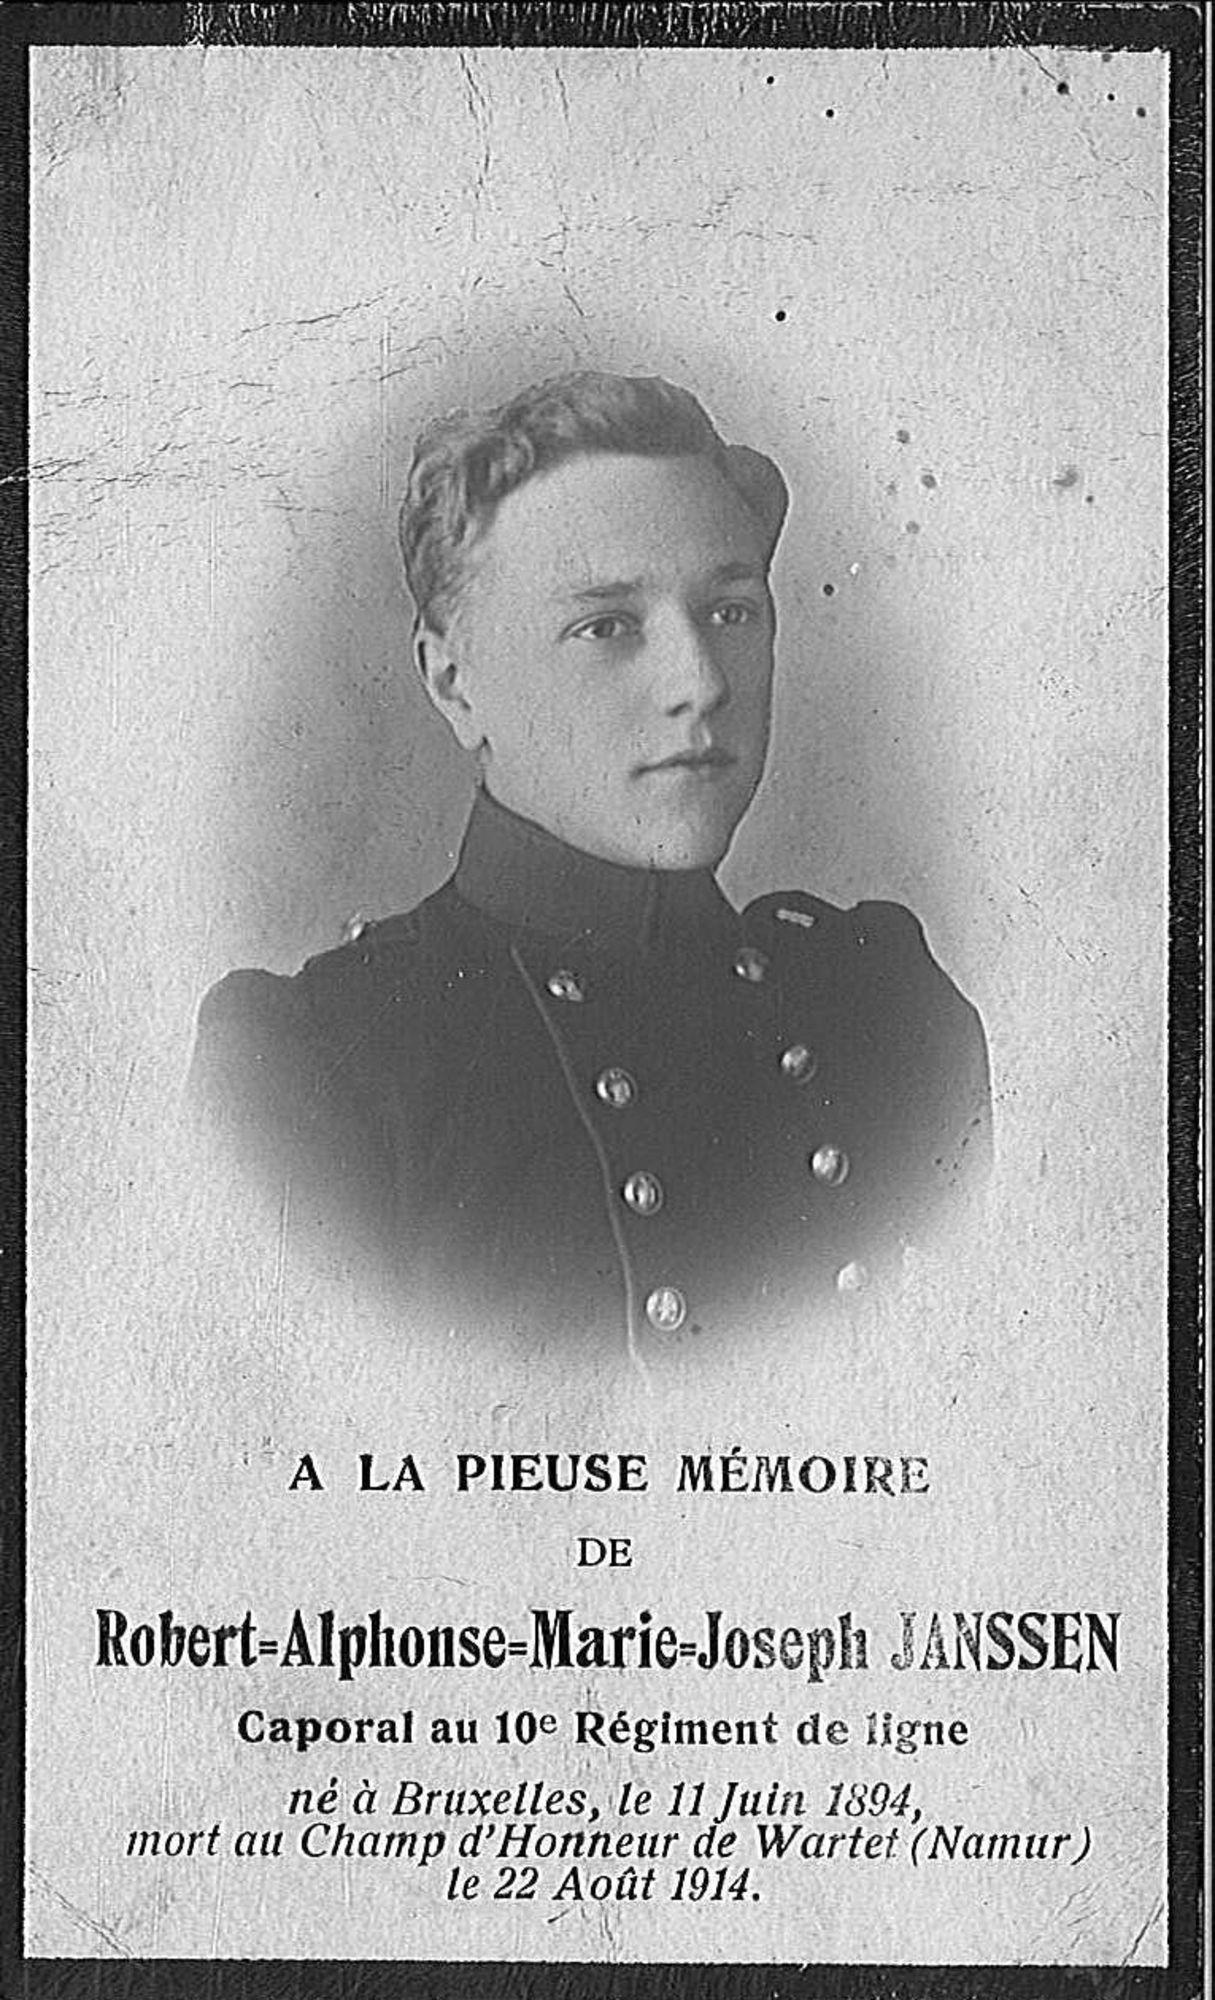 Robert-Alphonse-Marie-Joseph Janssen